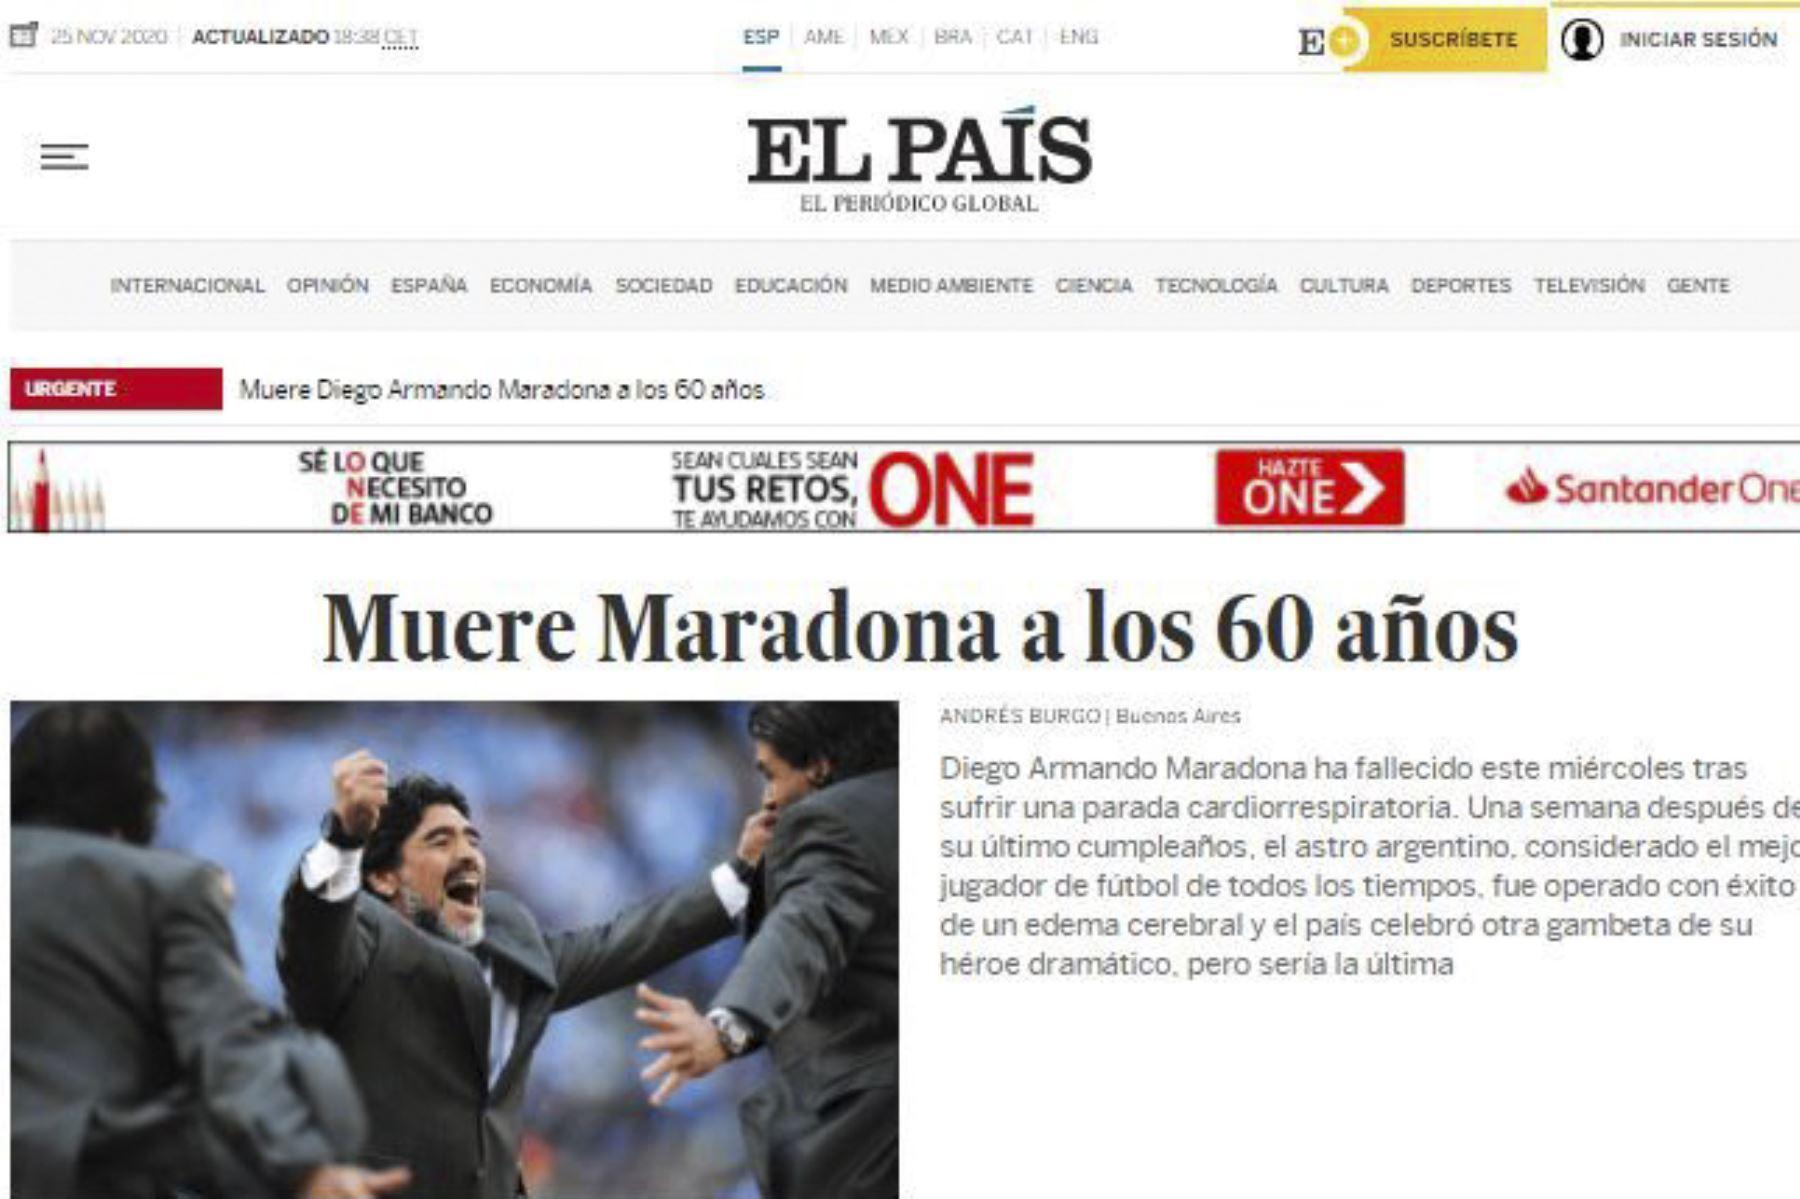 Así informa la prensa mundial la muerte de Diego Armando Maradona. El País de España